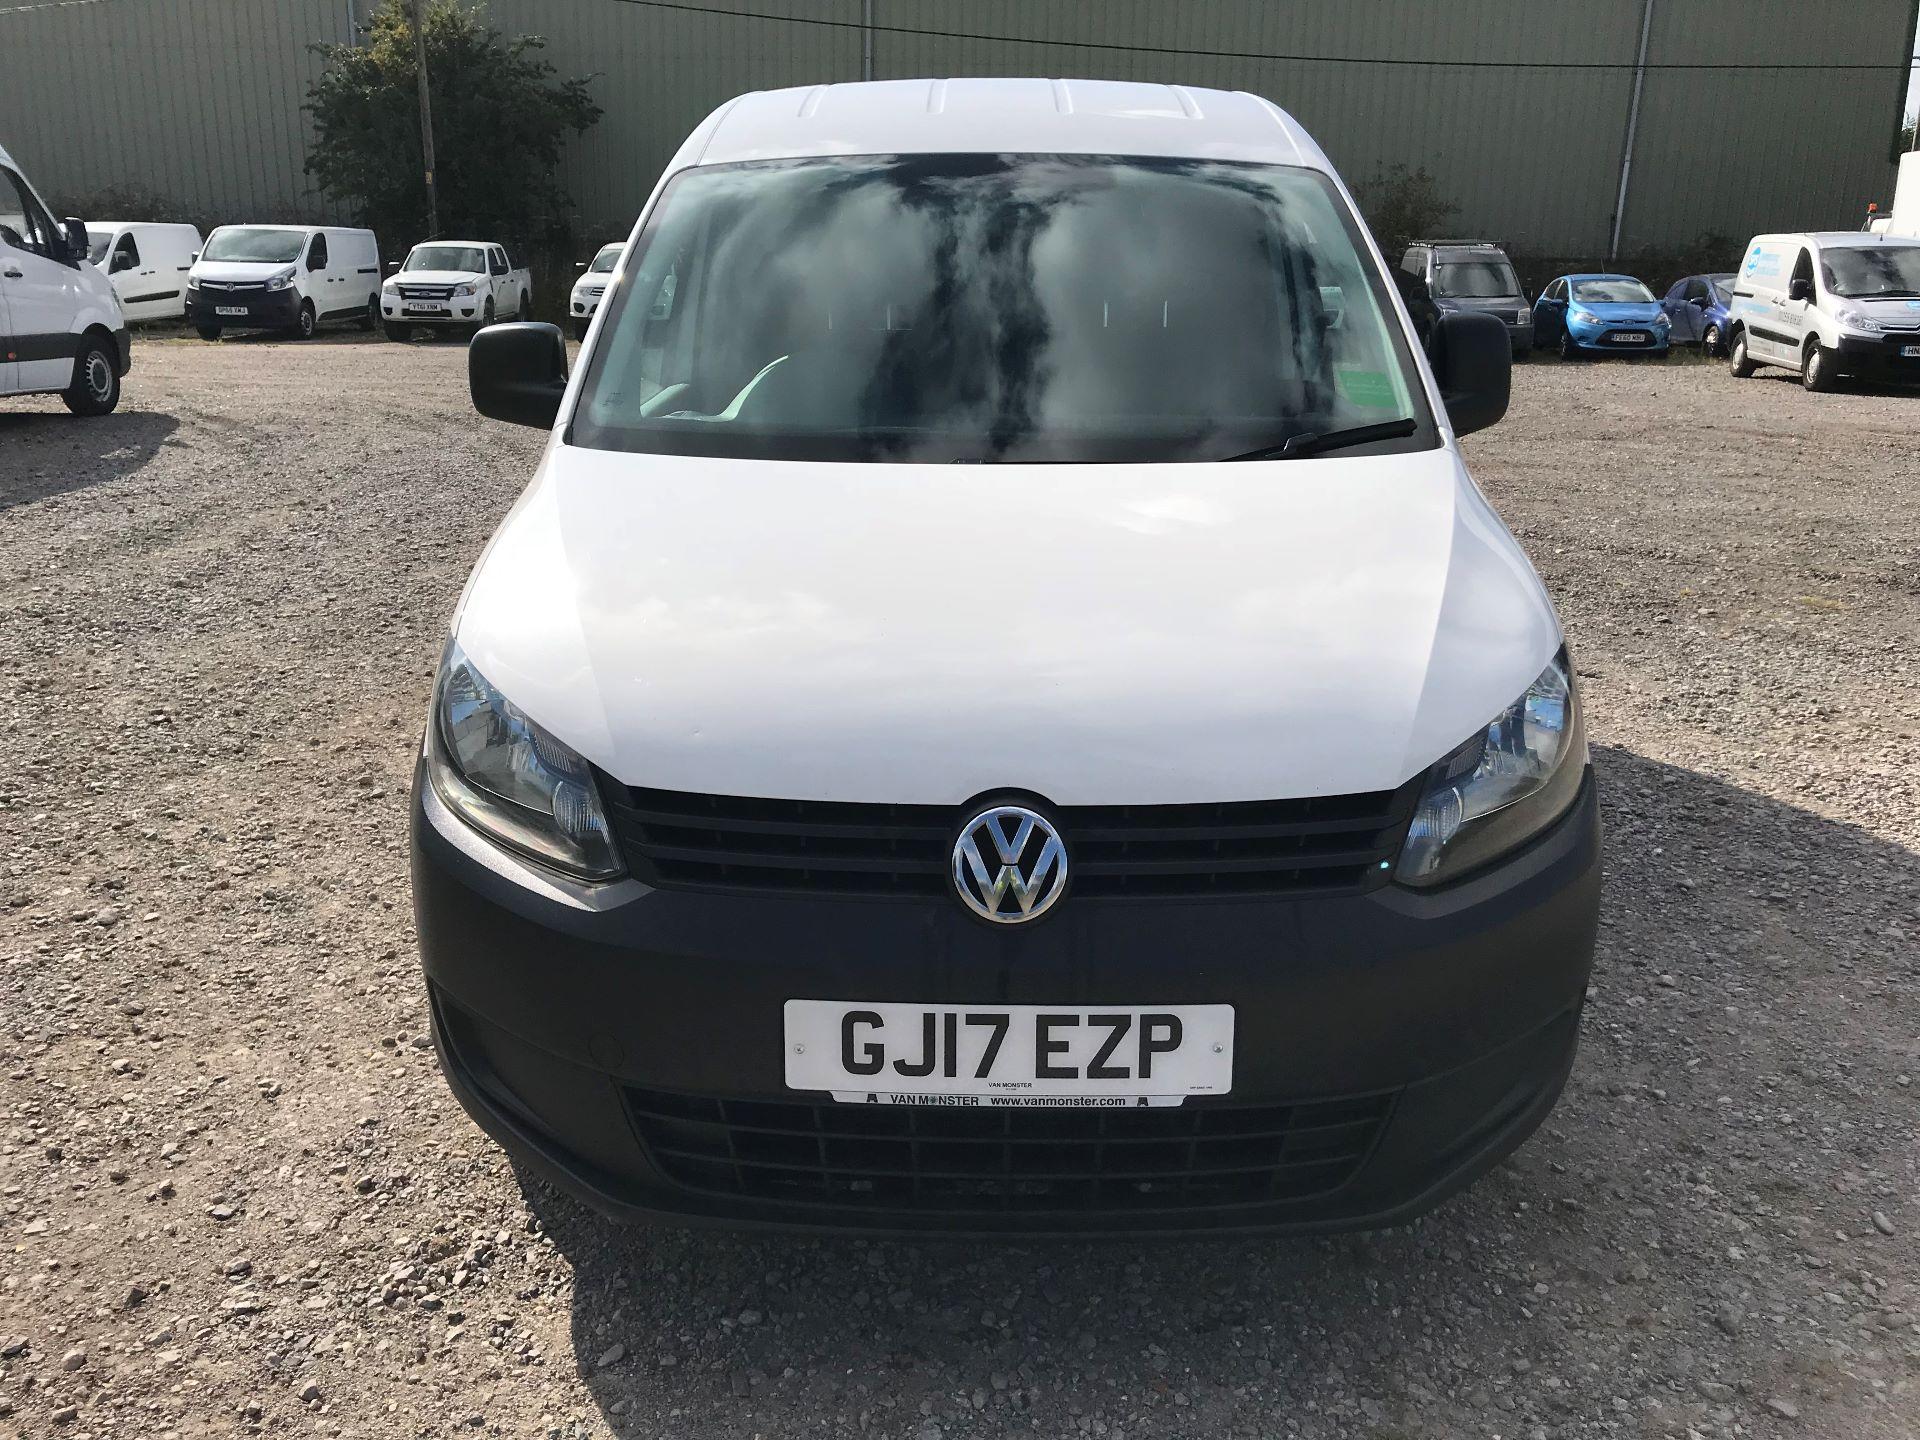 2017 Volkswagen Caddy  1.6 75PS STARTLINE EURO 5 (GJ17EZP) Image 2